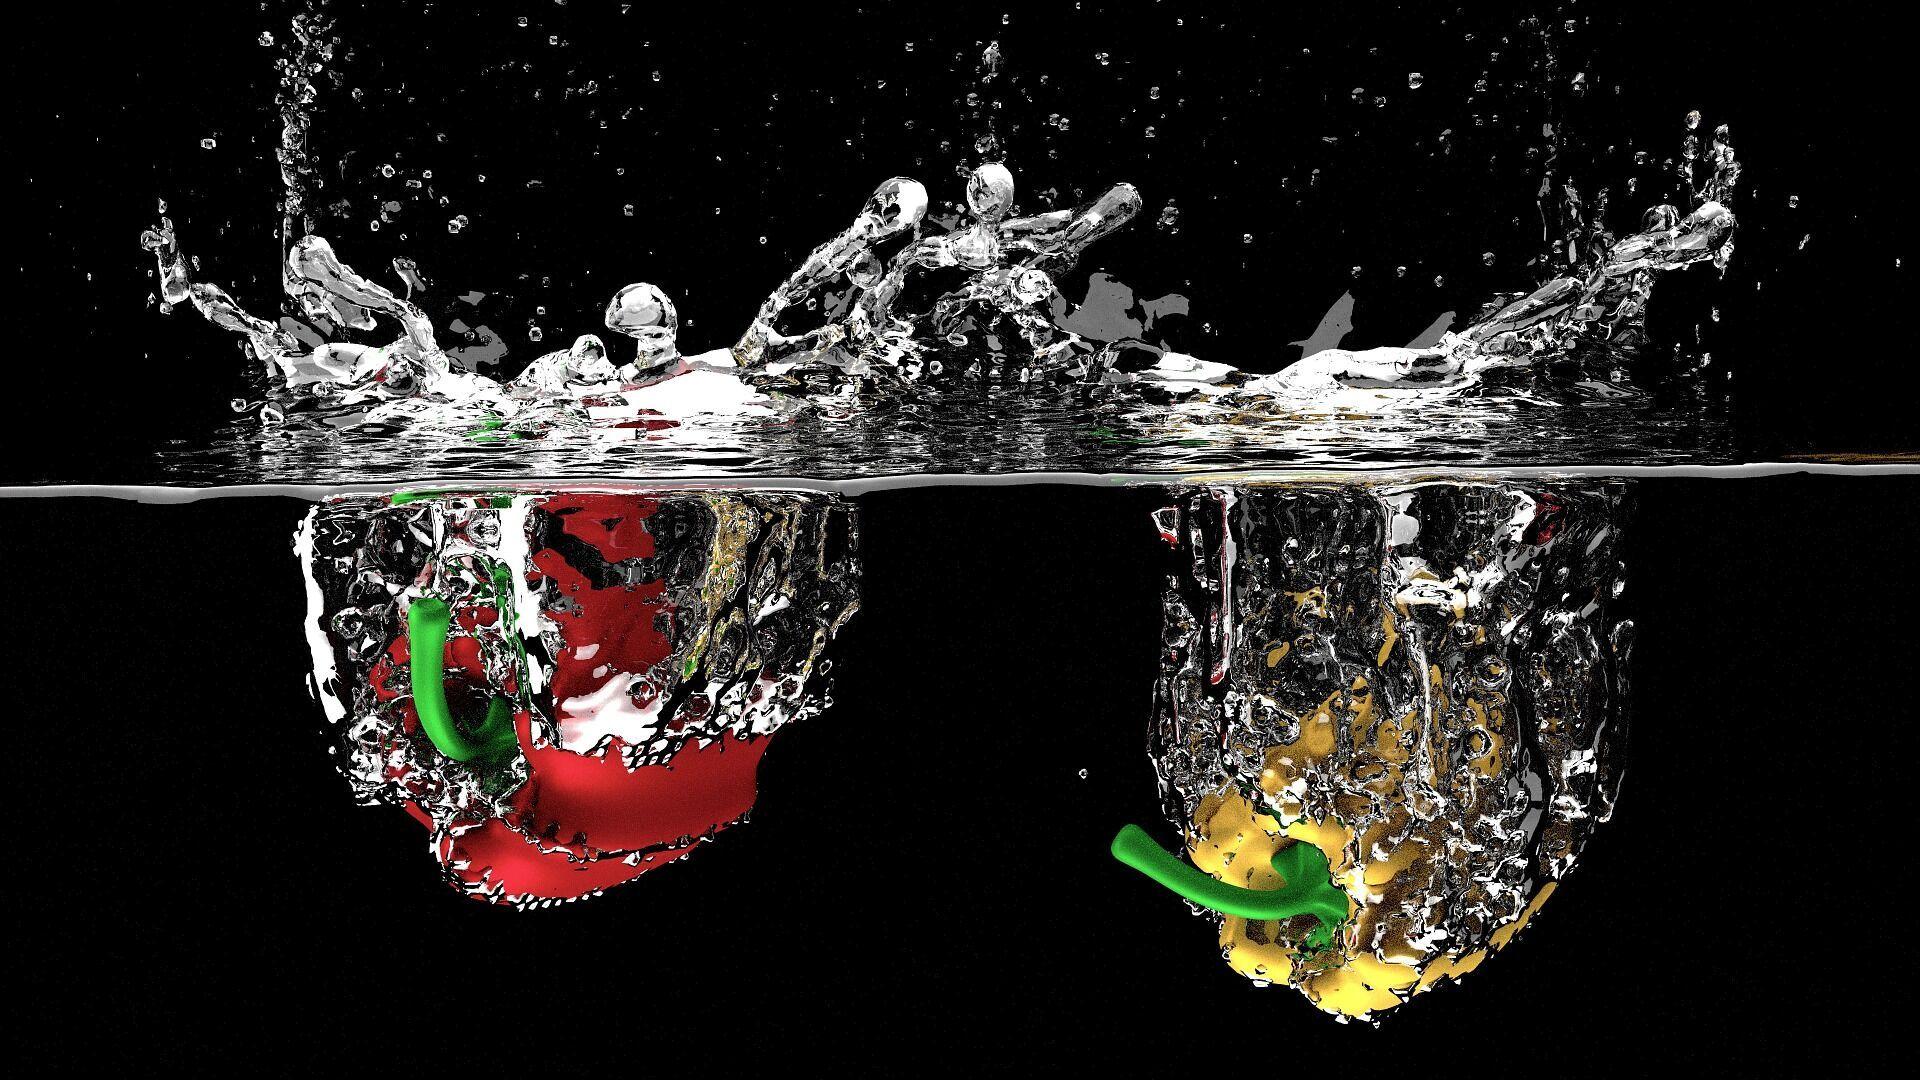 Щоб позбутися нітратів потрібно замочувати овочі воді з содою